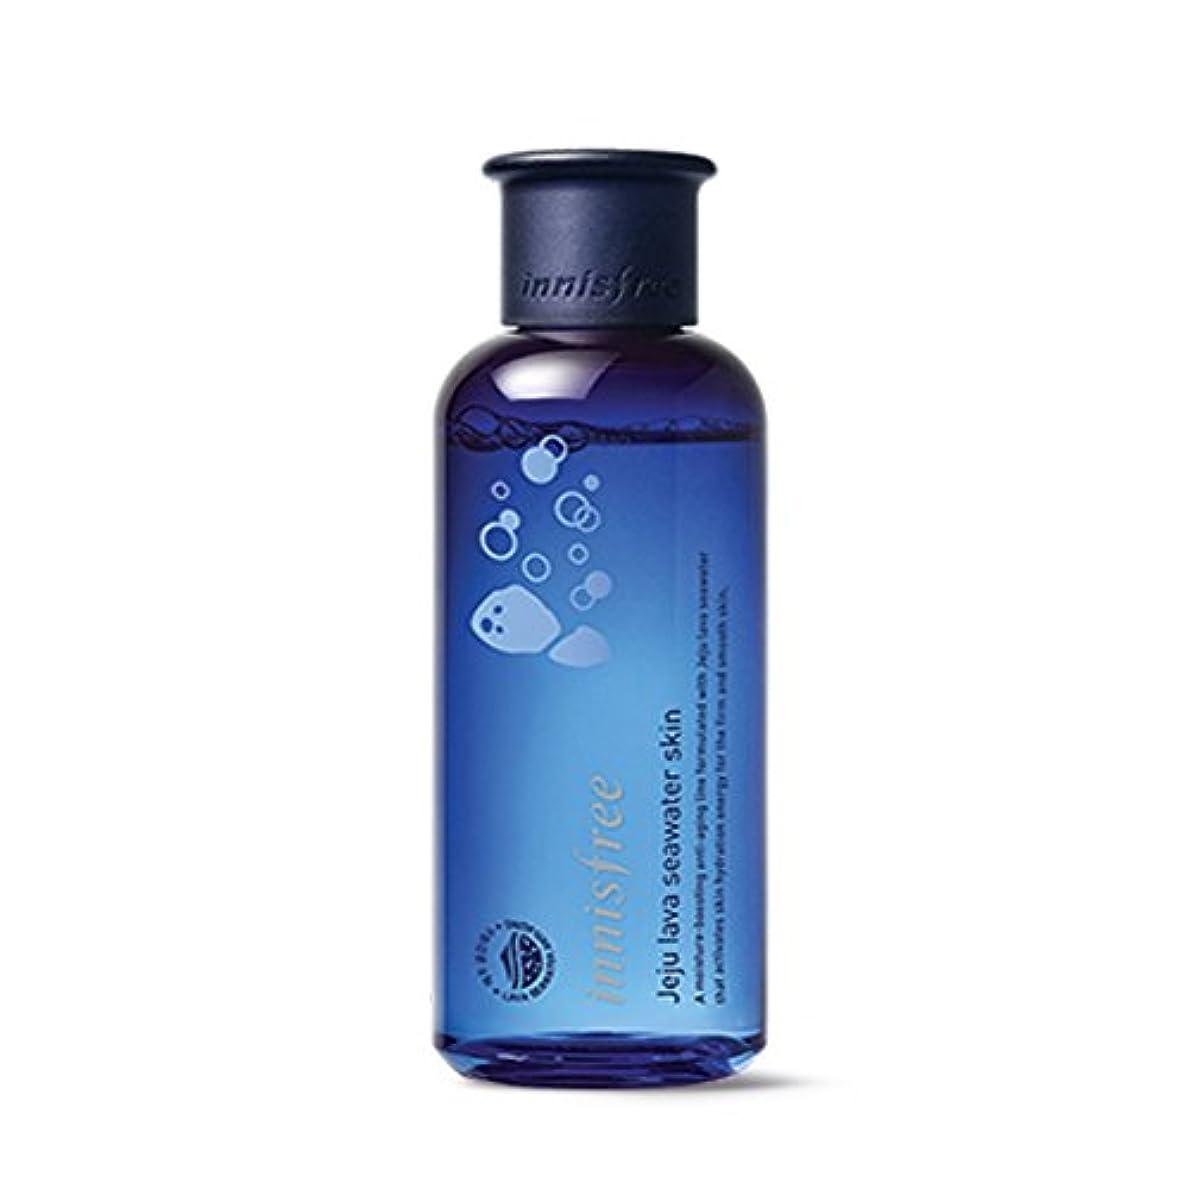 先シフト一晩イニスフリージェジュラブシーウォータースキン(トナー)200ml Innisfree Jeju Lava Seawater Skin(Toner) 200ml [外直送品][並行輸入品]